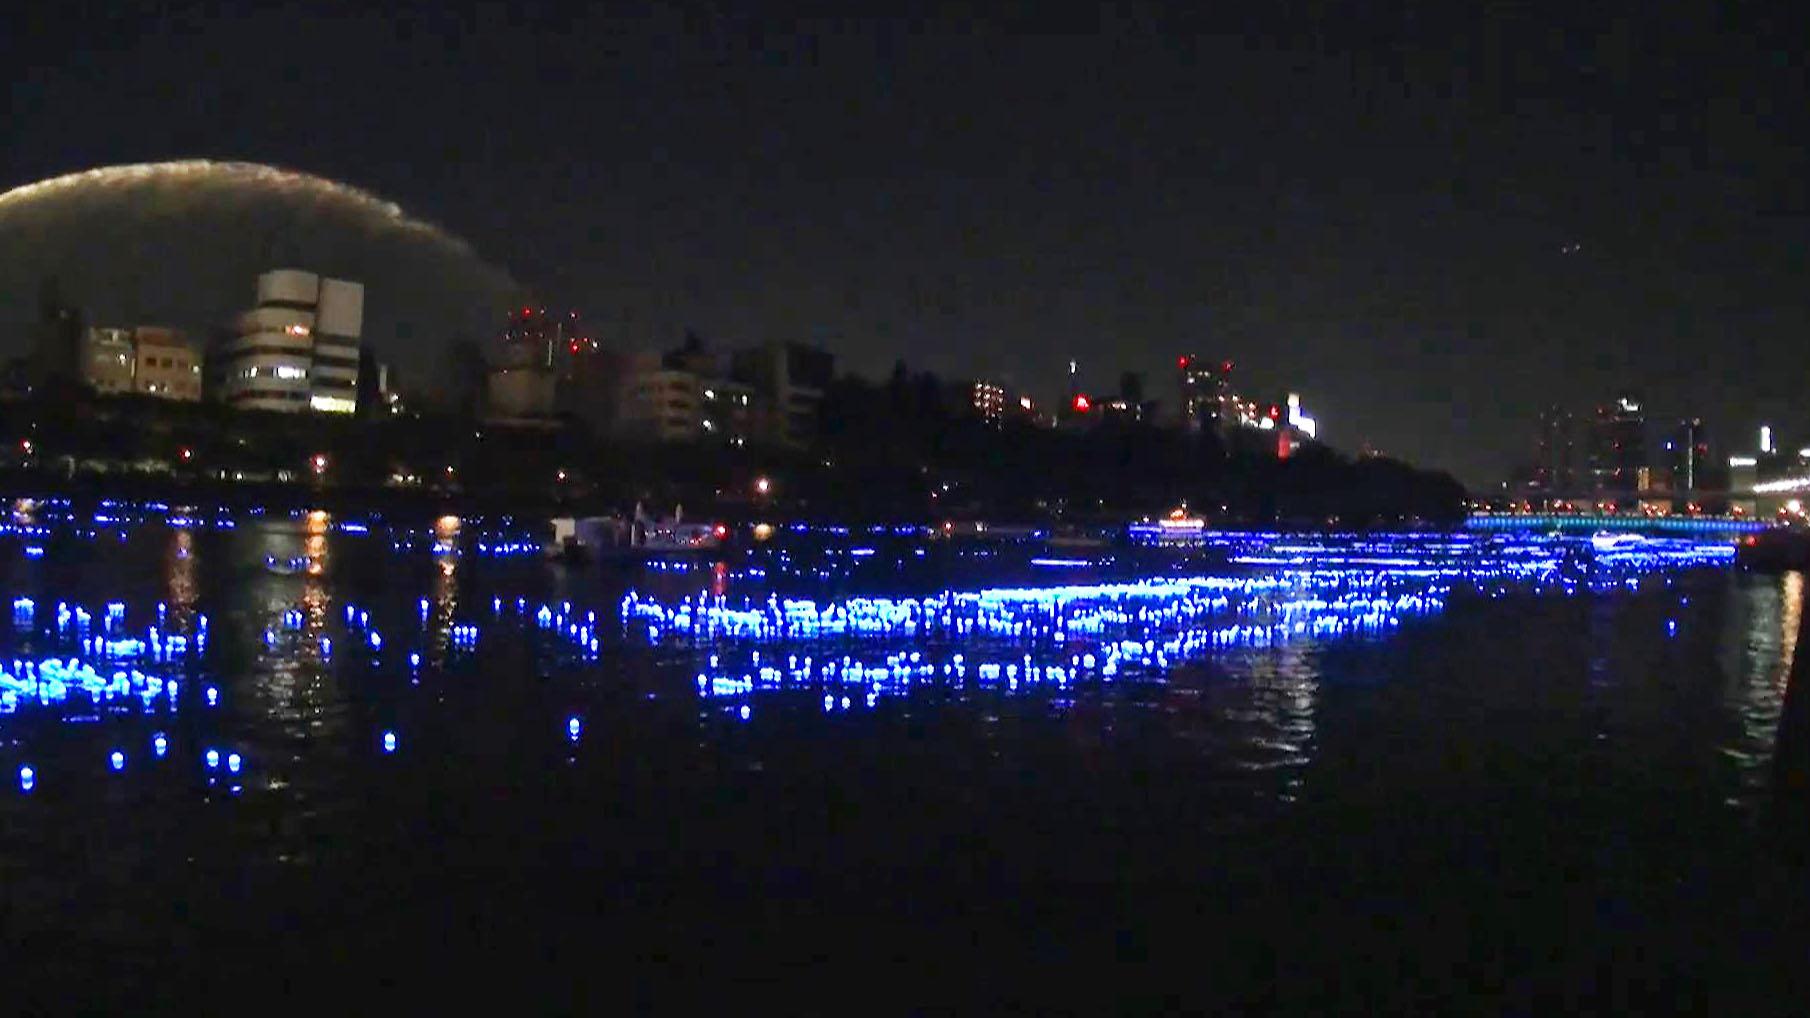 陸地上出現了銀河!?目睹大阪一年一度的銀河傳說!